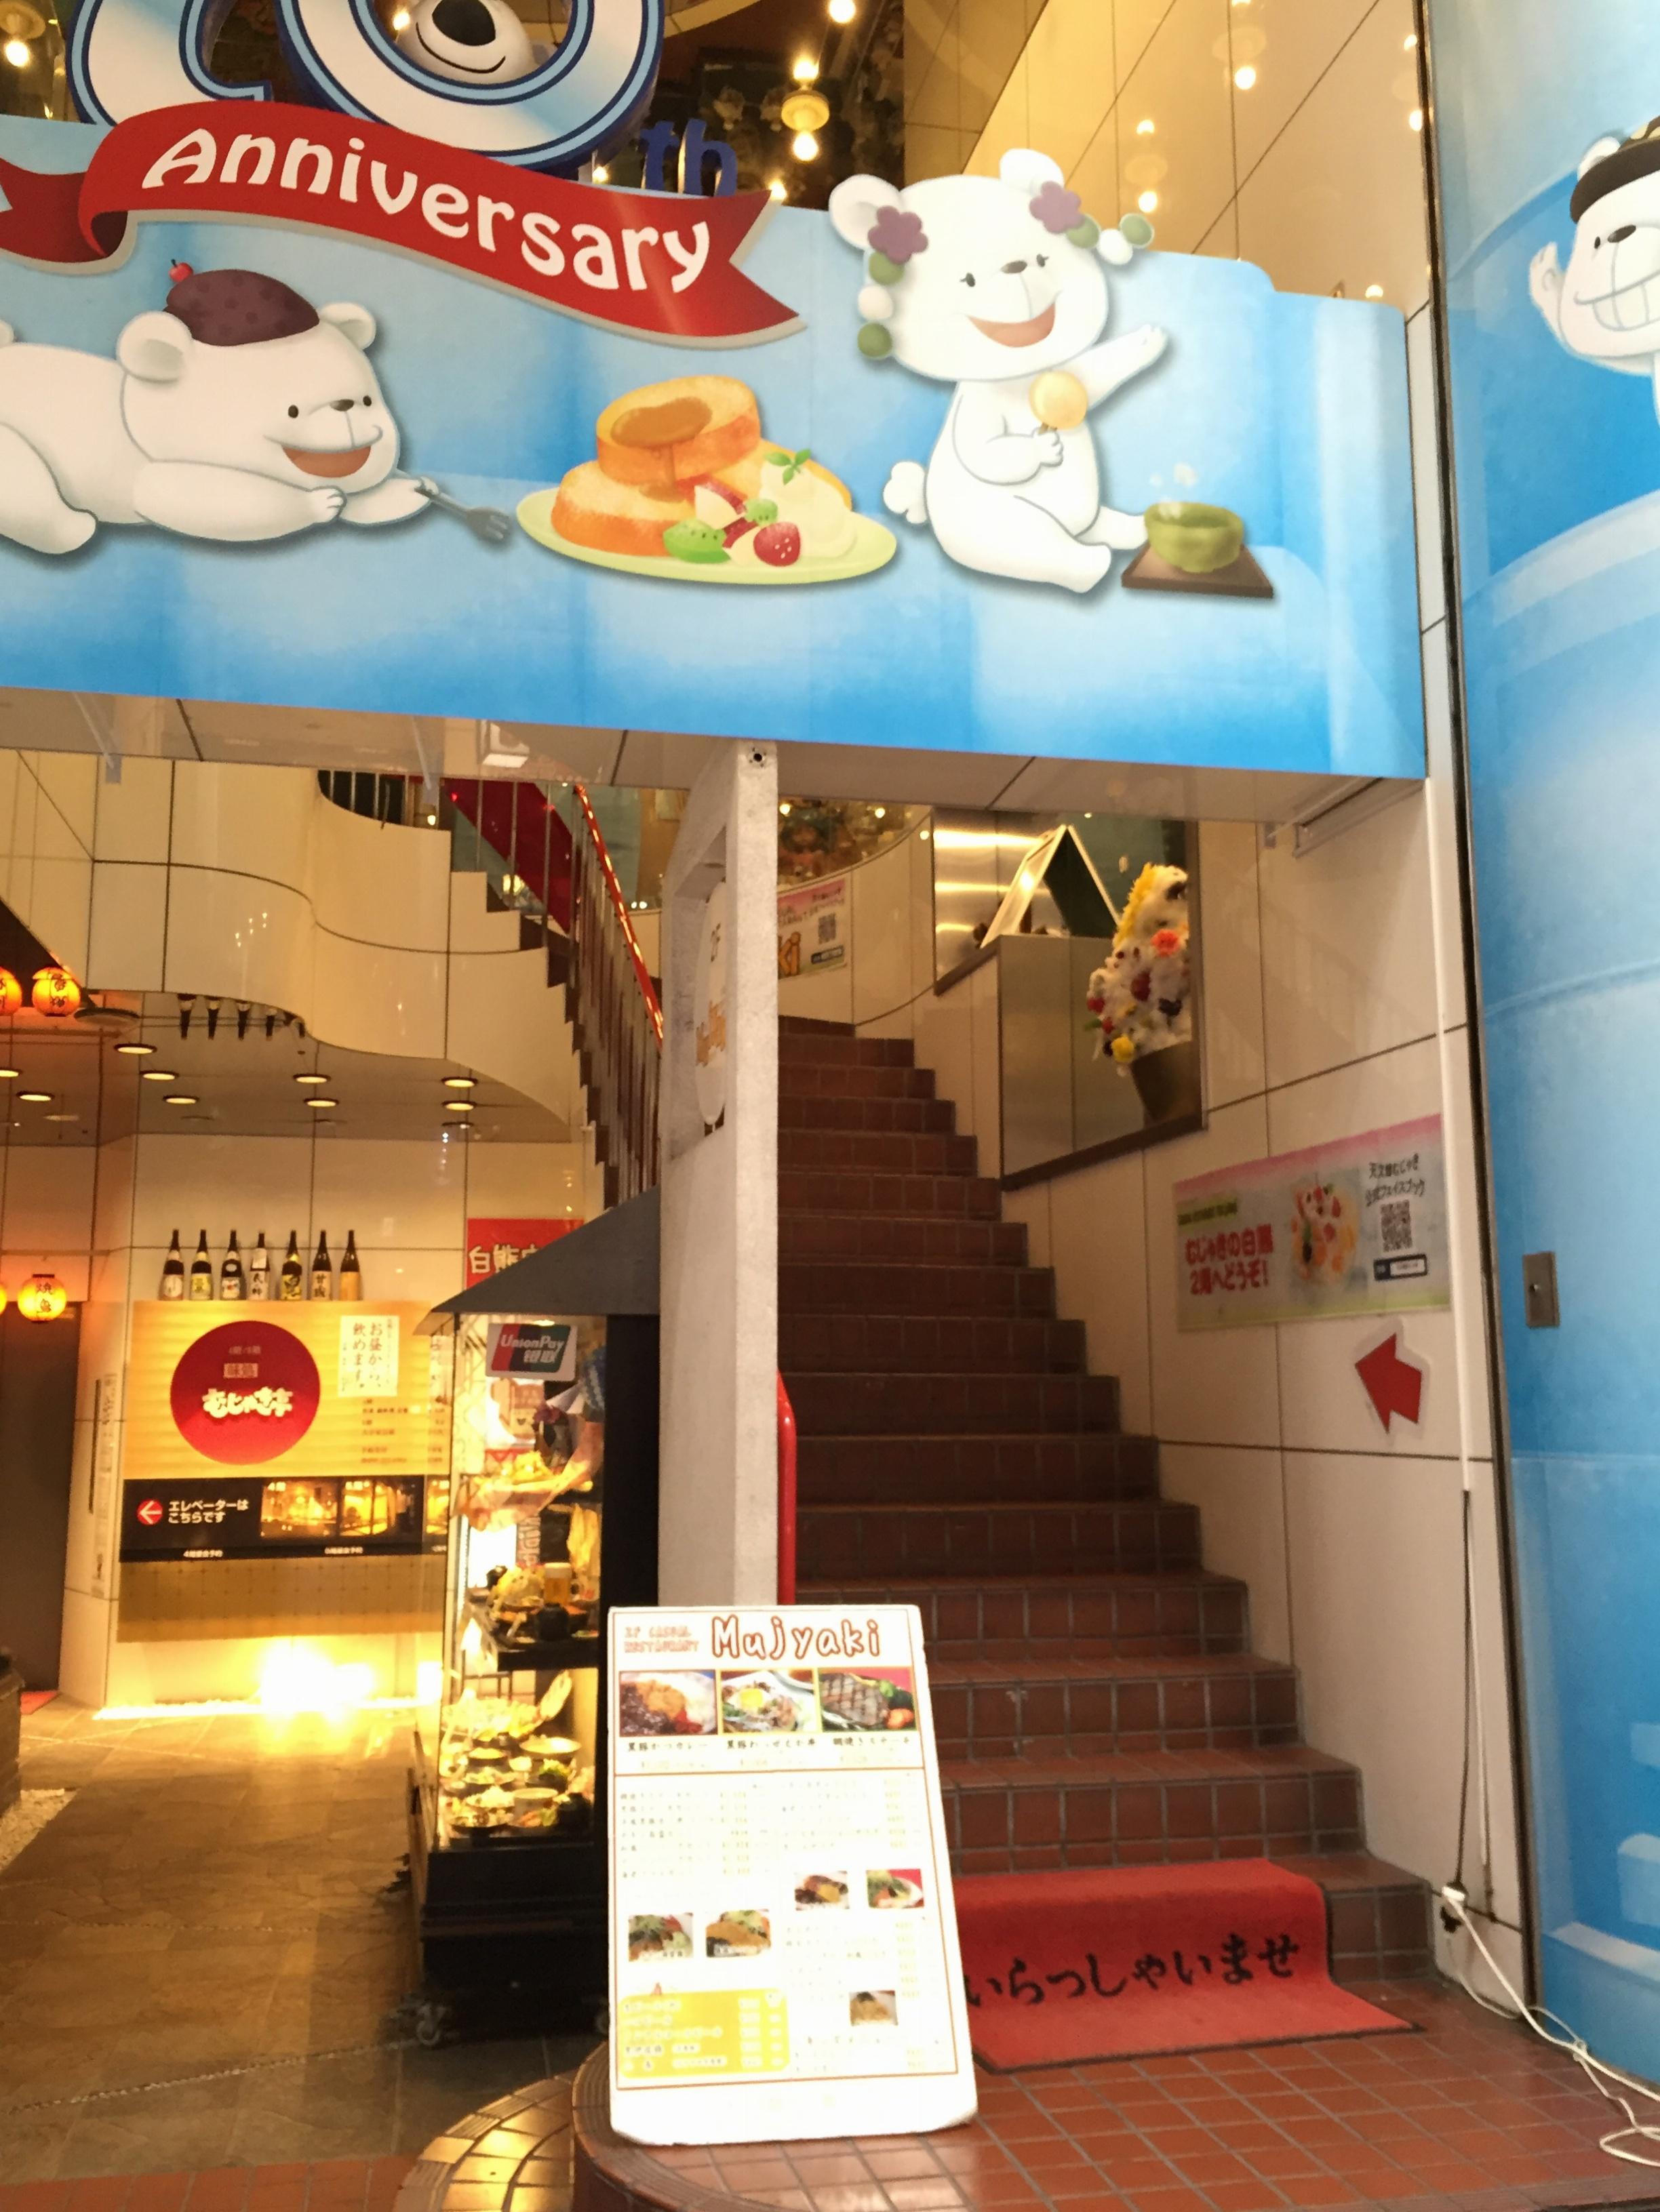 【氷白熊】鹿児島に行ったらコレ食べなきゃ!!オススメのお店は白熊の本家『天文館〇〇〇〇』≪samenyan≫_2